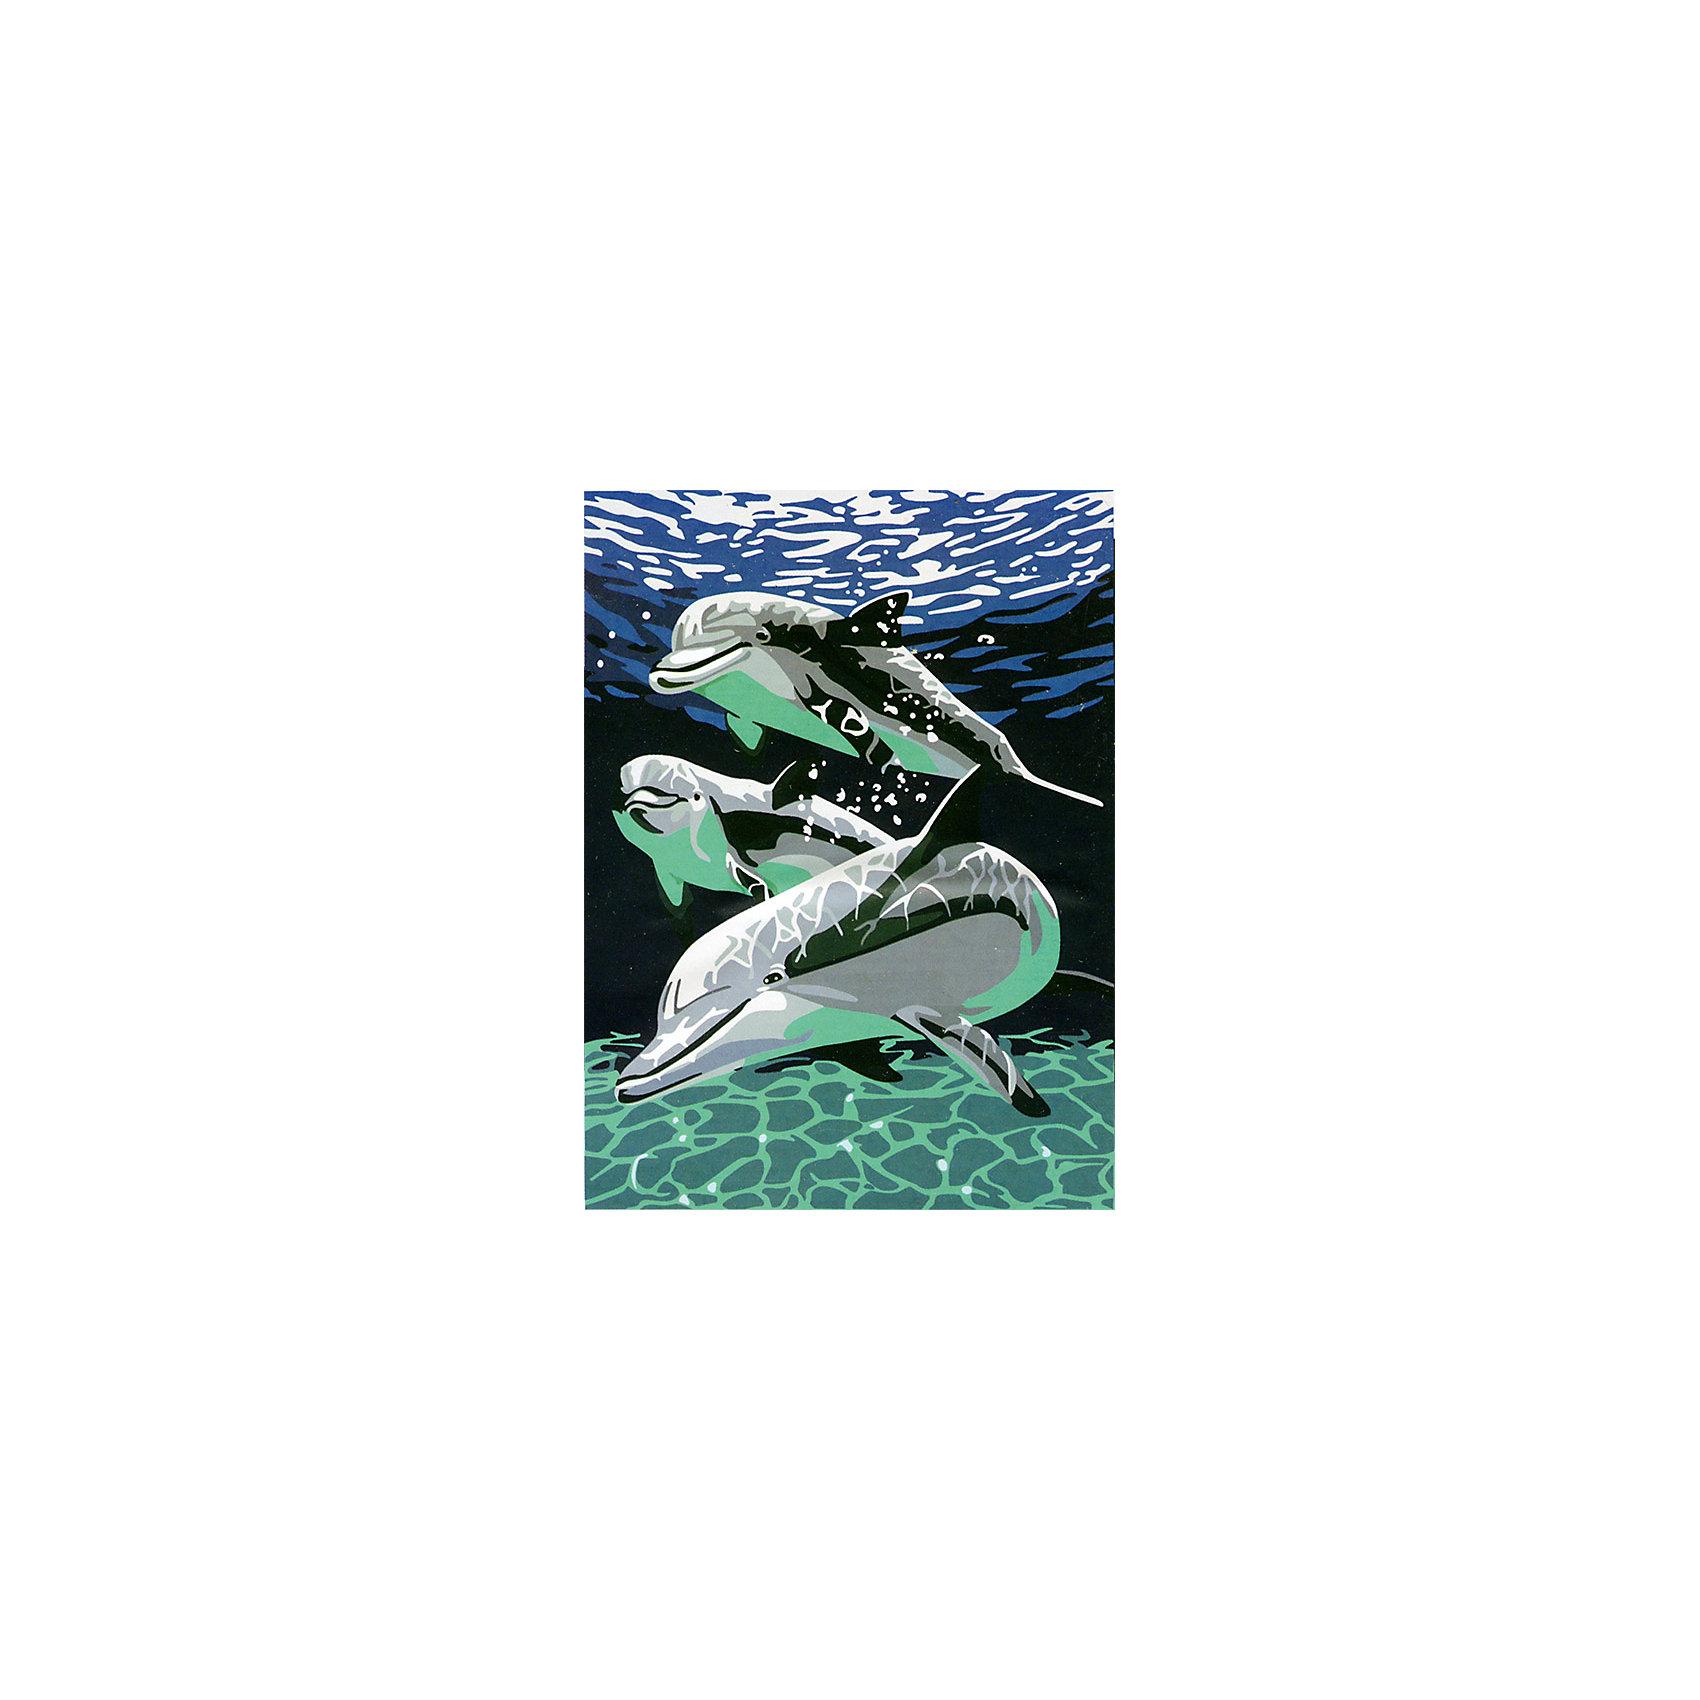 Роспись по холсту ДельфиныРисование<br>Это набор для раскрашивания, который состоит из размеченного и полностью готового холста. натянутого на деревянный подрамник. Холст состоит из хлопка 100 %. Он пропитан специальной смесью для нанесения акриловых красок. Краски акриловые на водной основе. Они в вакуумной упаковке. Что гарантирует, то что они не высохнут от жары и не замерзнут от холода. В набор входят 3 кисти, контрольный лист.<br><br>Ширина мм: 310<br>Глубина мм: 25<br>Высота мм: 410<br>Вес г: 500<br>Возраст от месяцев: 96<br>Возраст до месяцев: 144<br>Пол: Унисекс<br>Возраст: Детский<br>SKU: 5350899